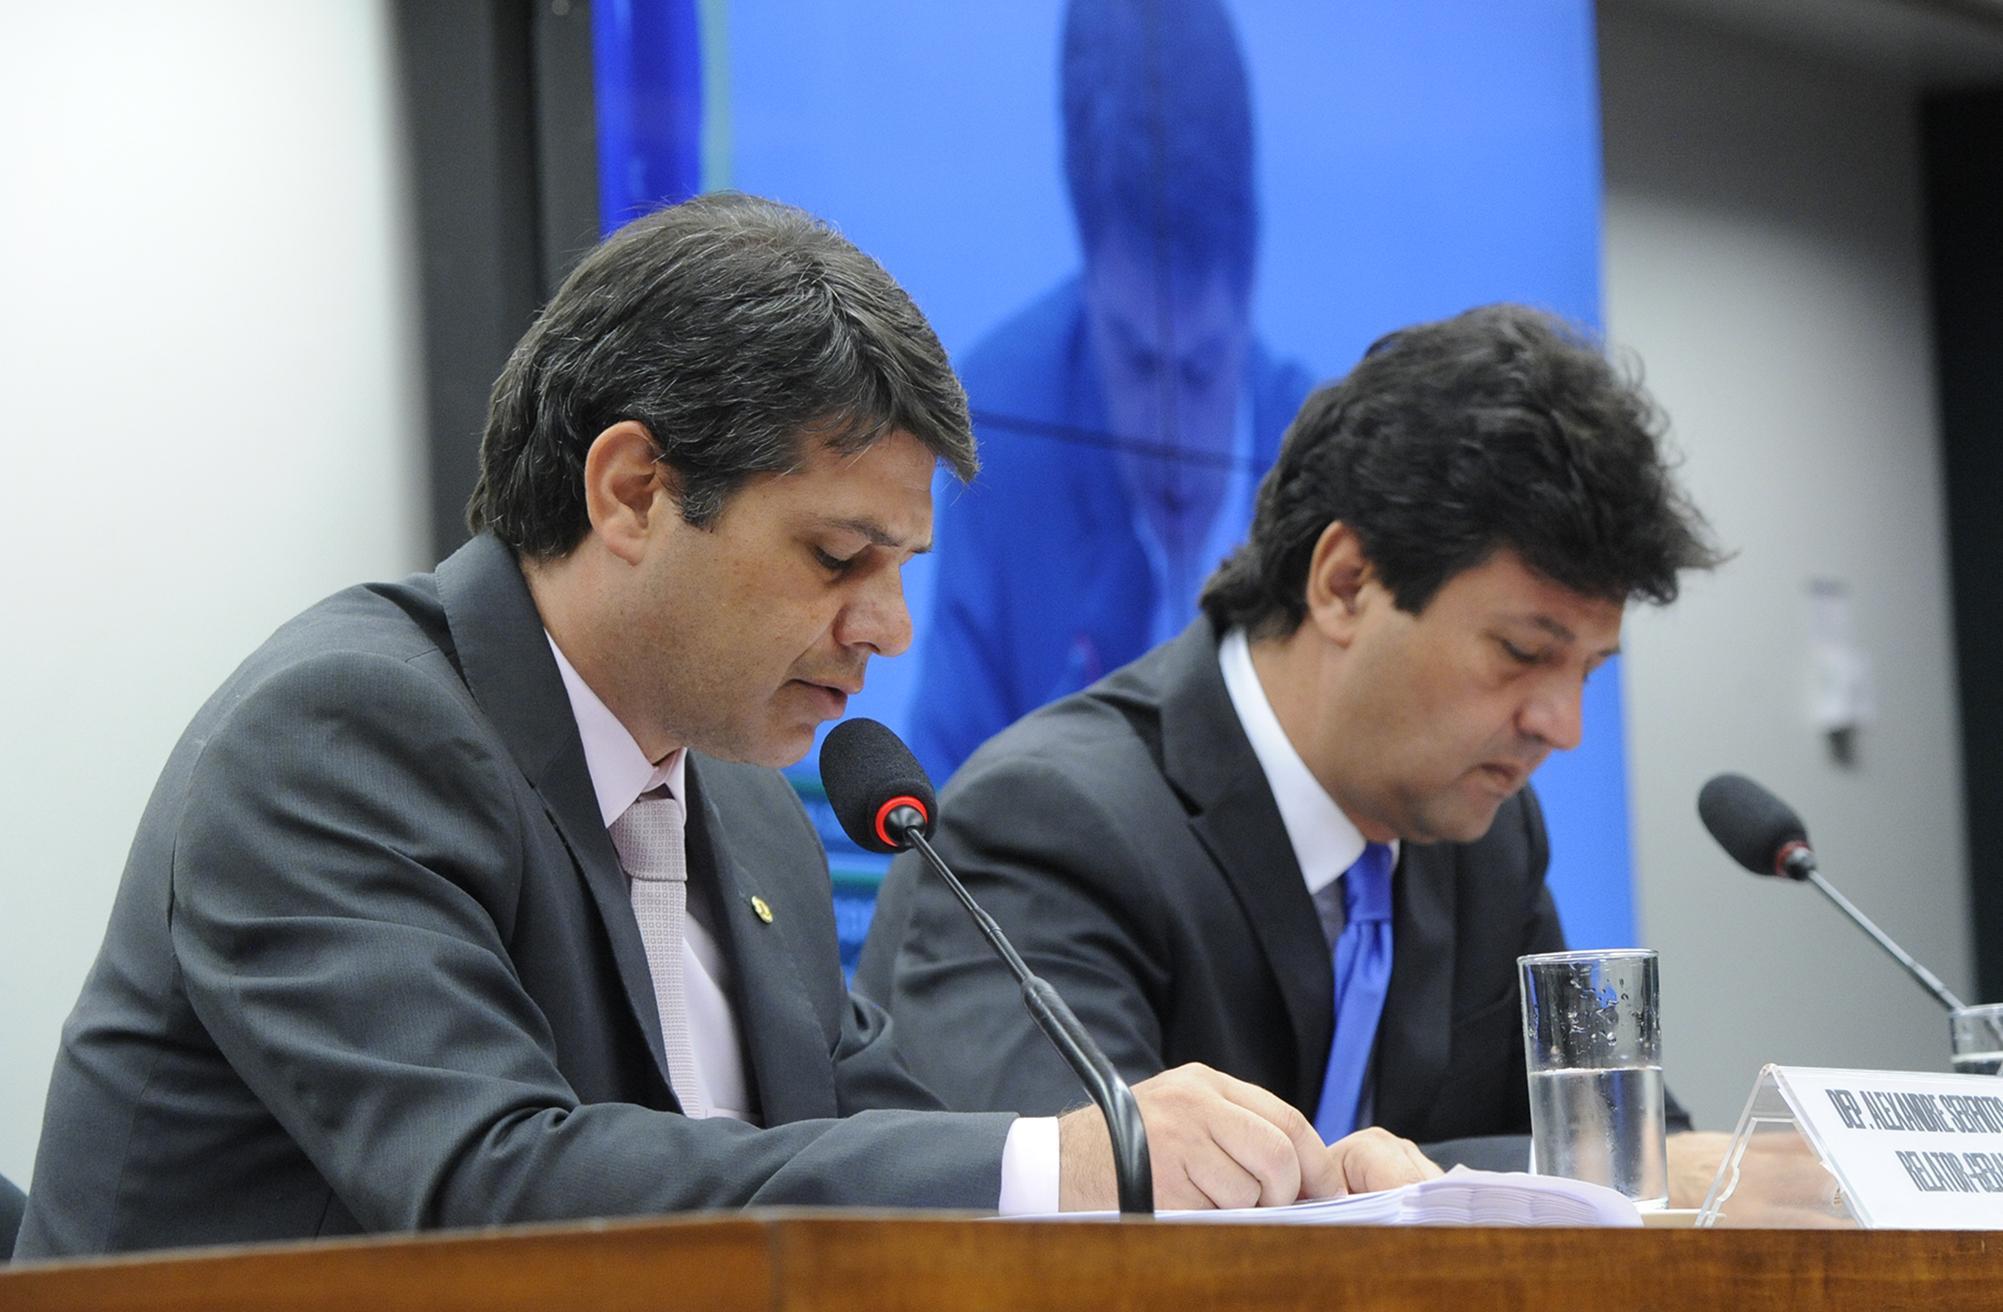 Reunião para apreciação do relatório final da Subcomissão Especial Carreira Médica. Relator, dep. Alexandre Serfiotes (PSD-RJ)